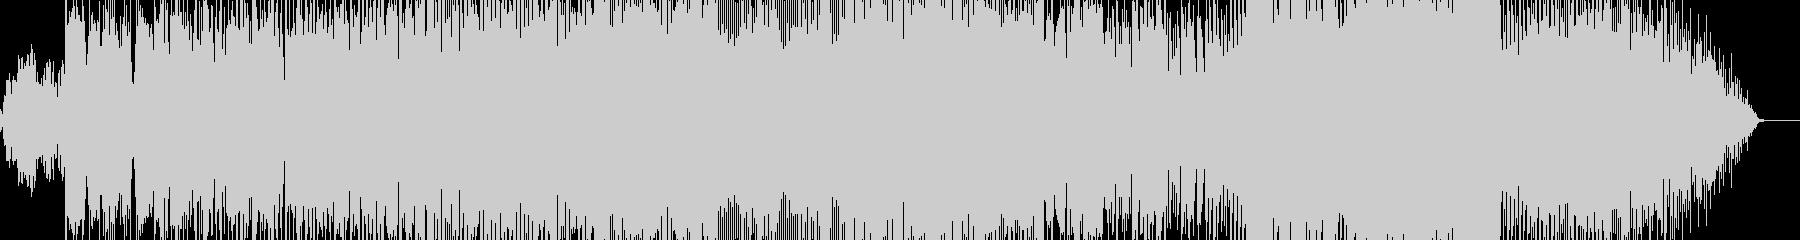 ハウスミュージックっぽいインストの未再生の波形